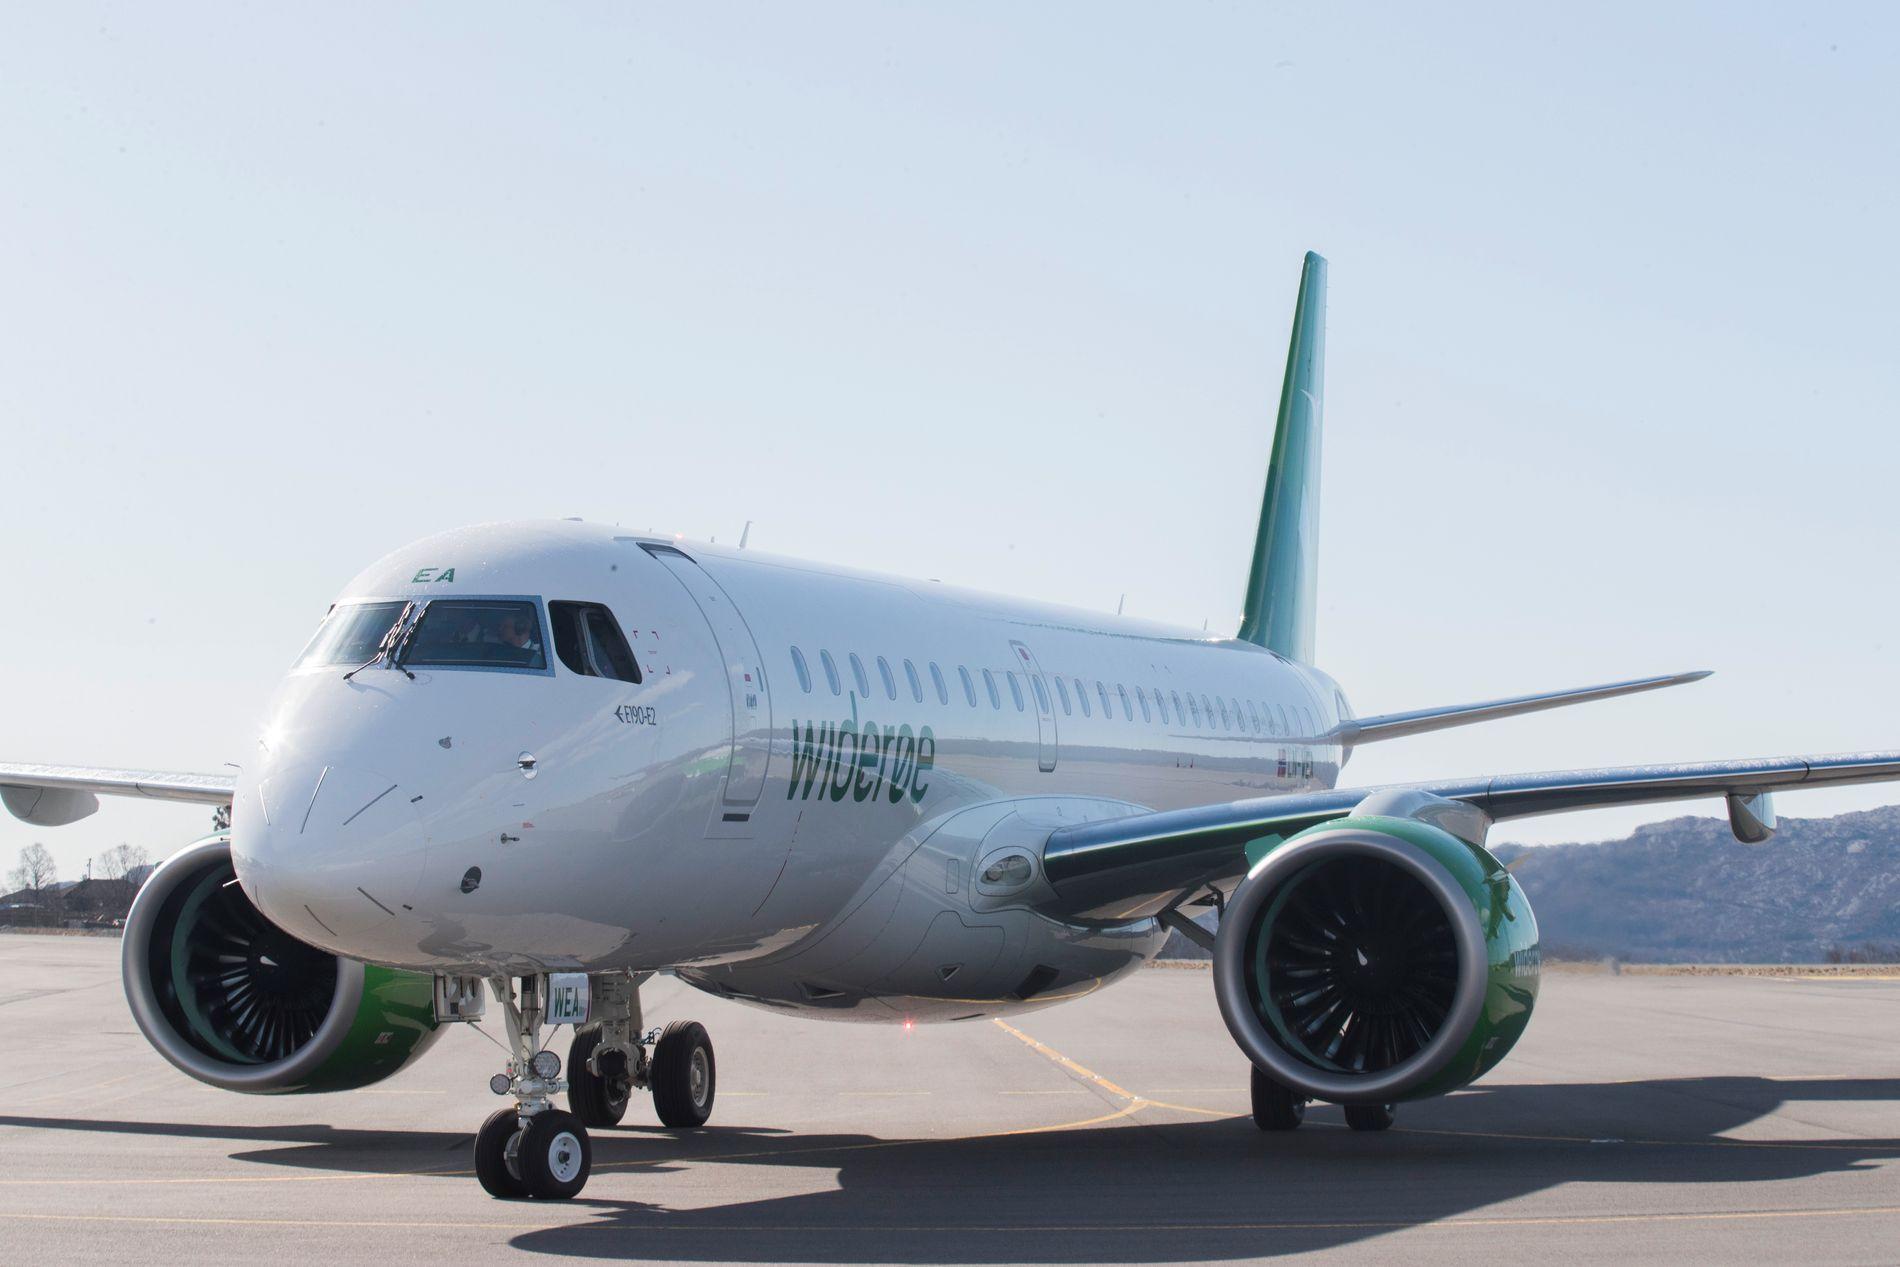 PROBLEMER: En teknisk oppdatering har skapt problemer for en stor del av Widerøes flyflåte søndag kveld.